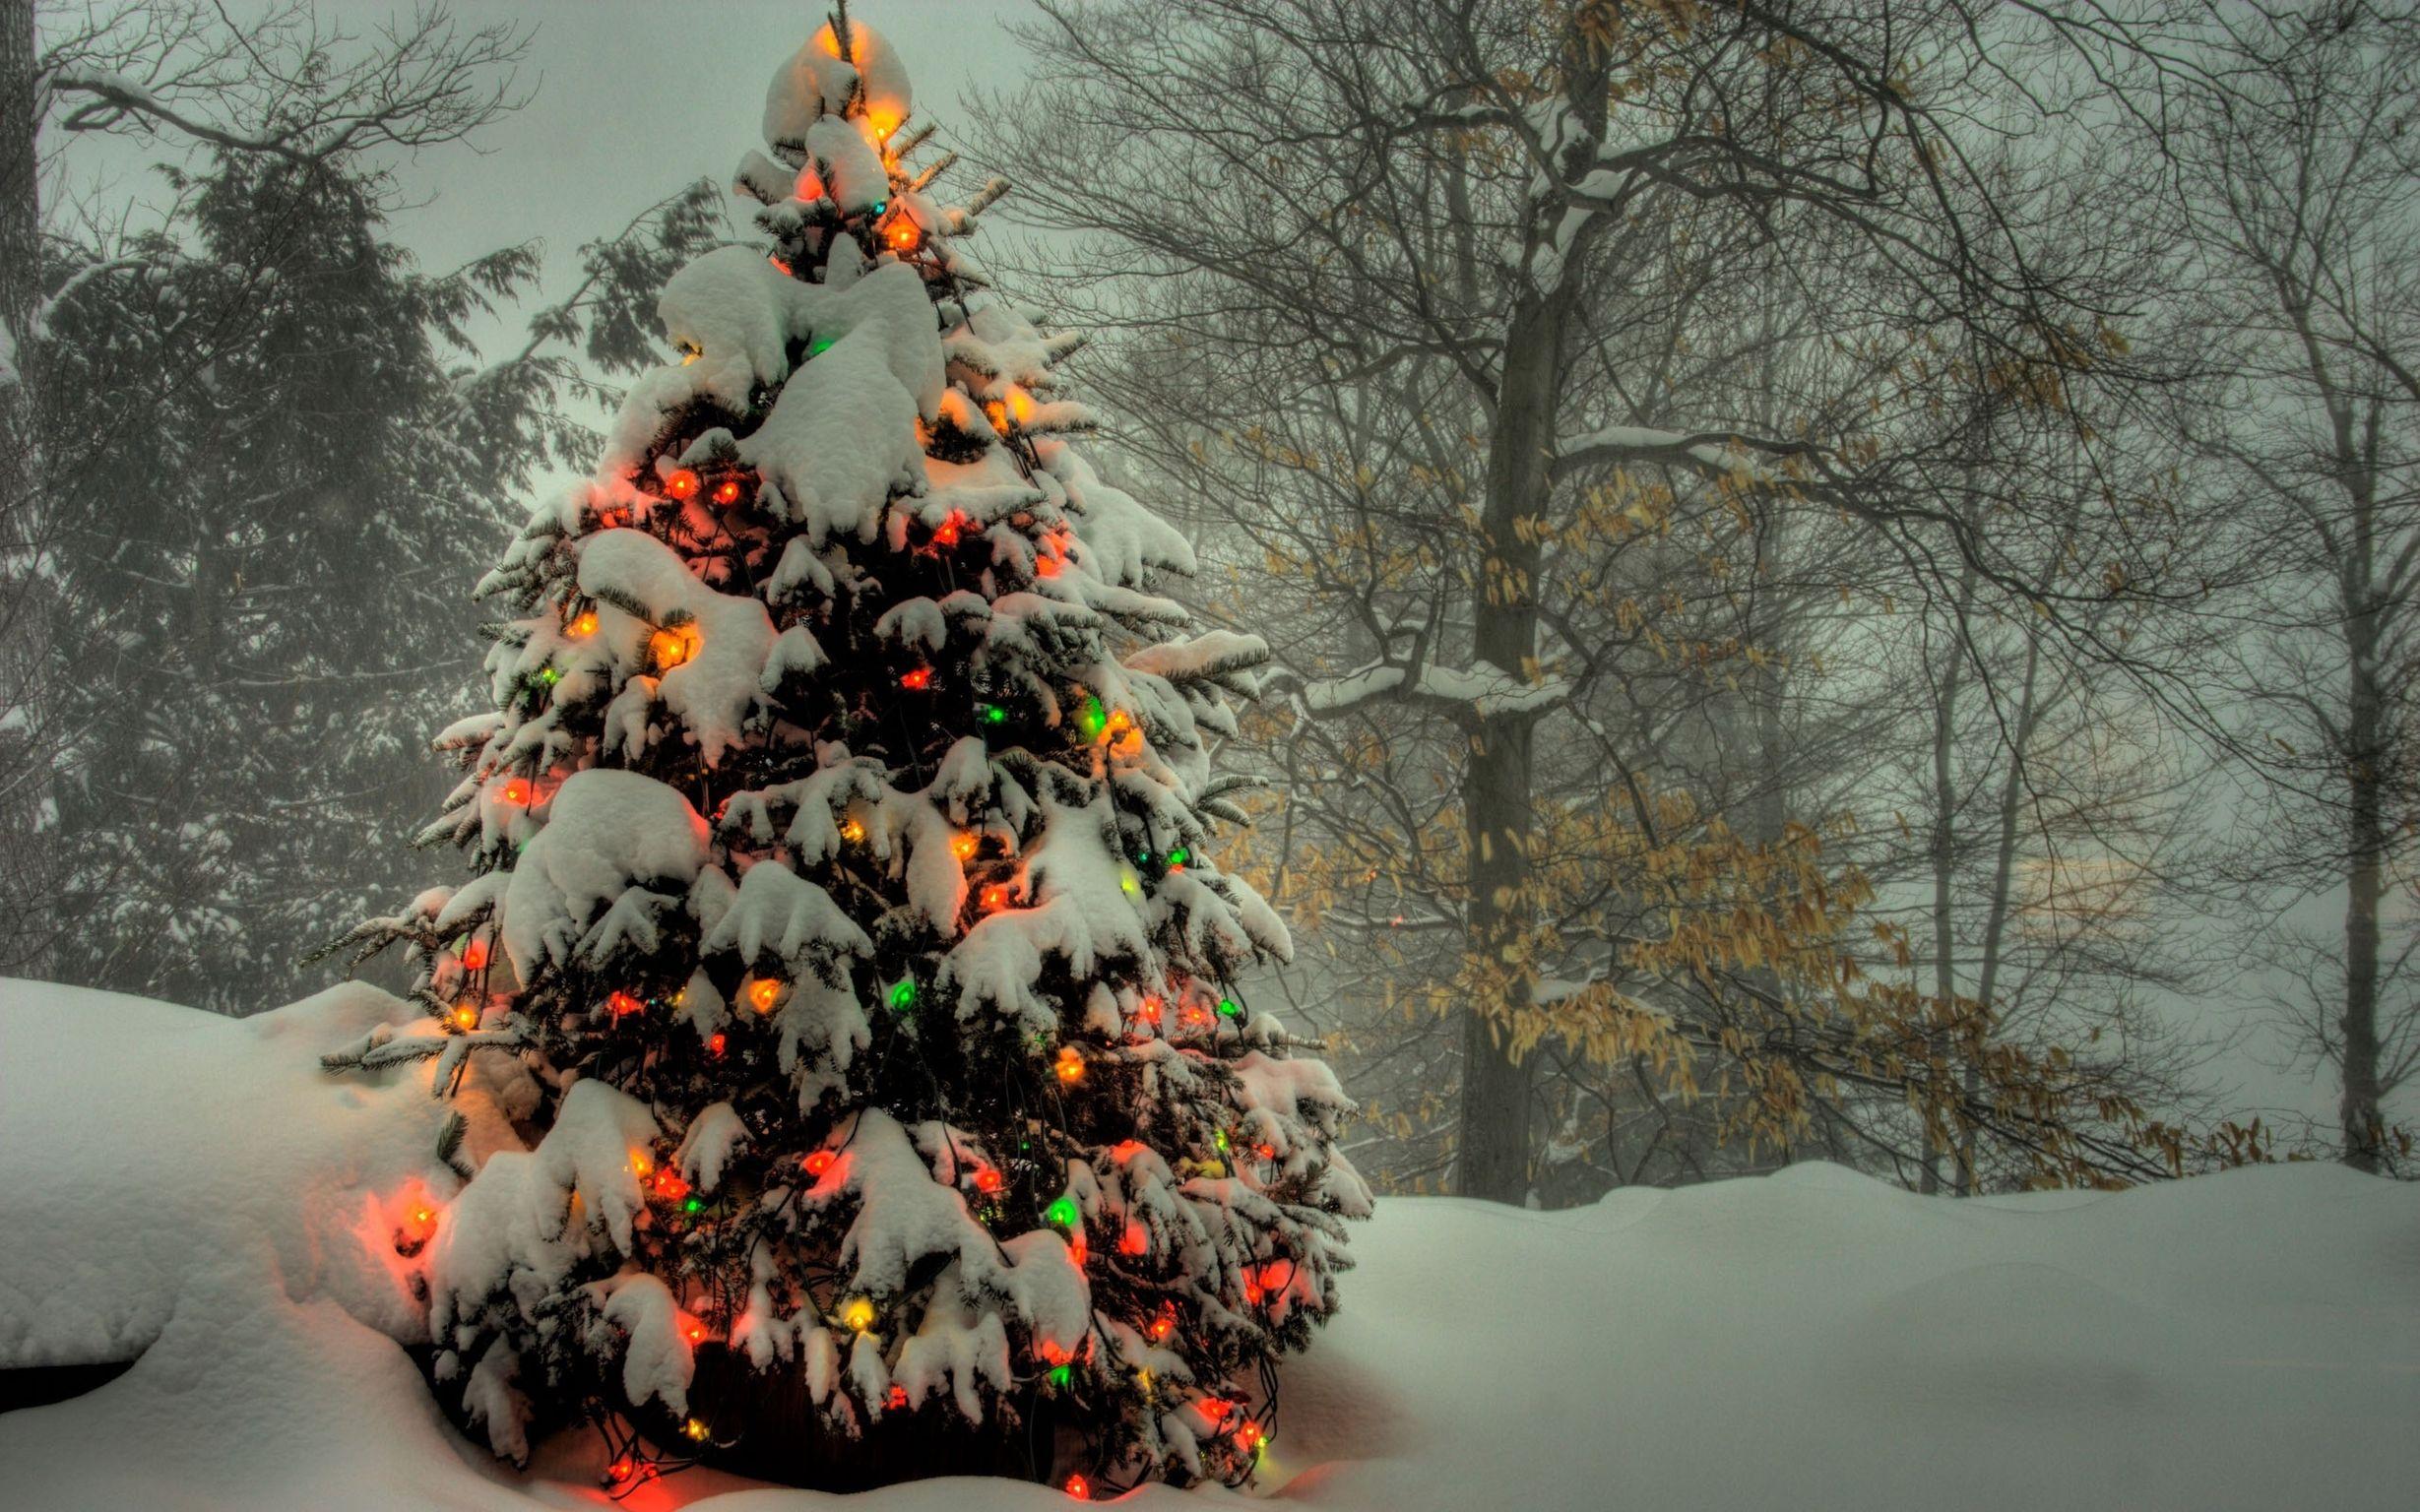 картинки новогоднего леса подвижная девушка